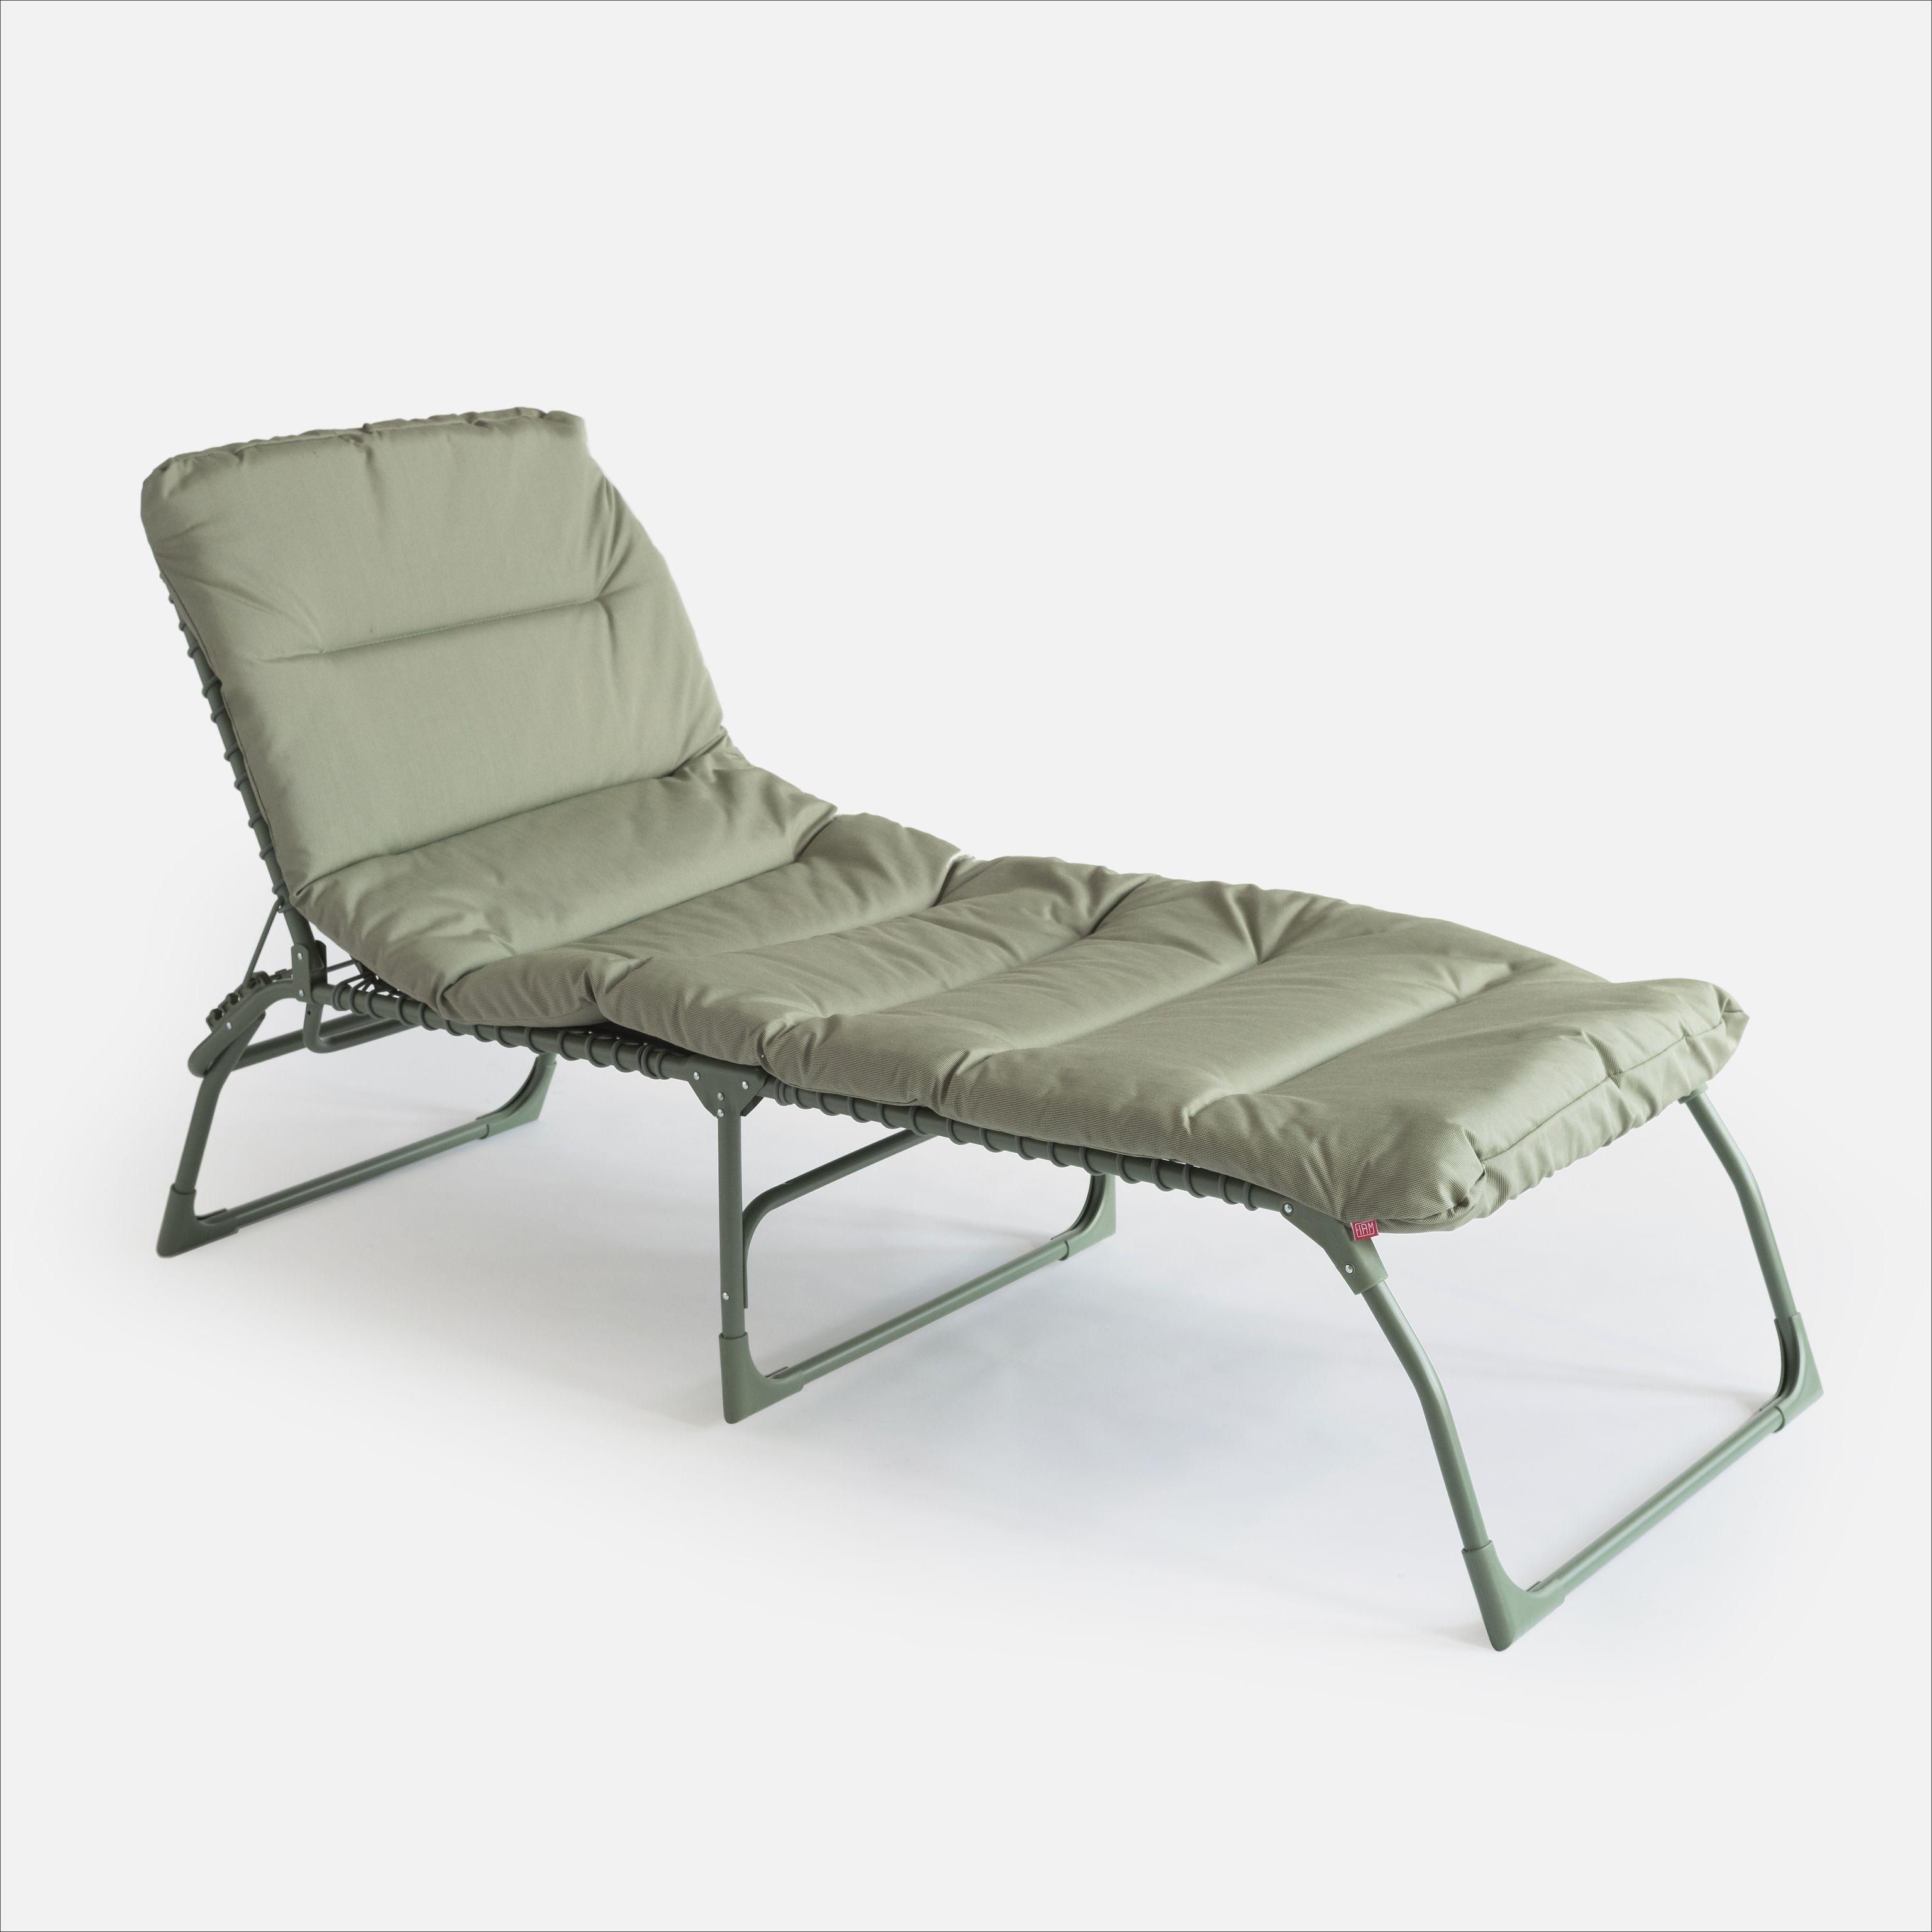 auflagen mit vlies f llung f r liege amigo xxl bei. Black Bedroom Furniture Sets. Home Design Ideas